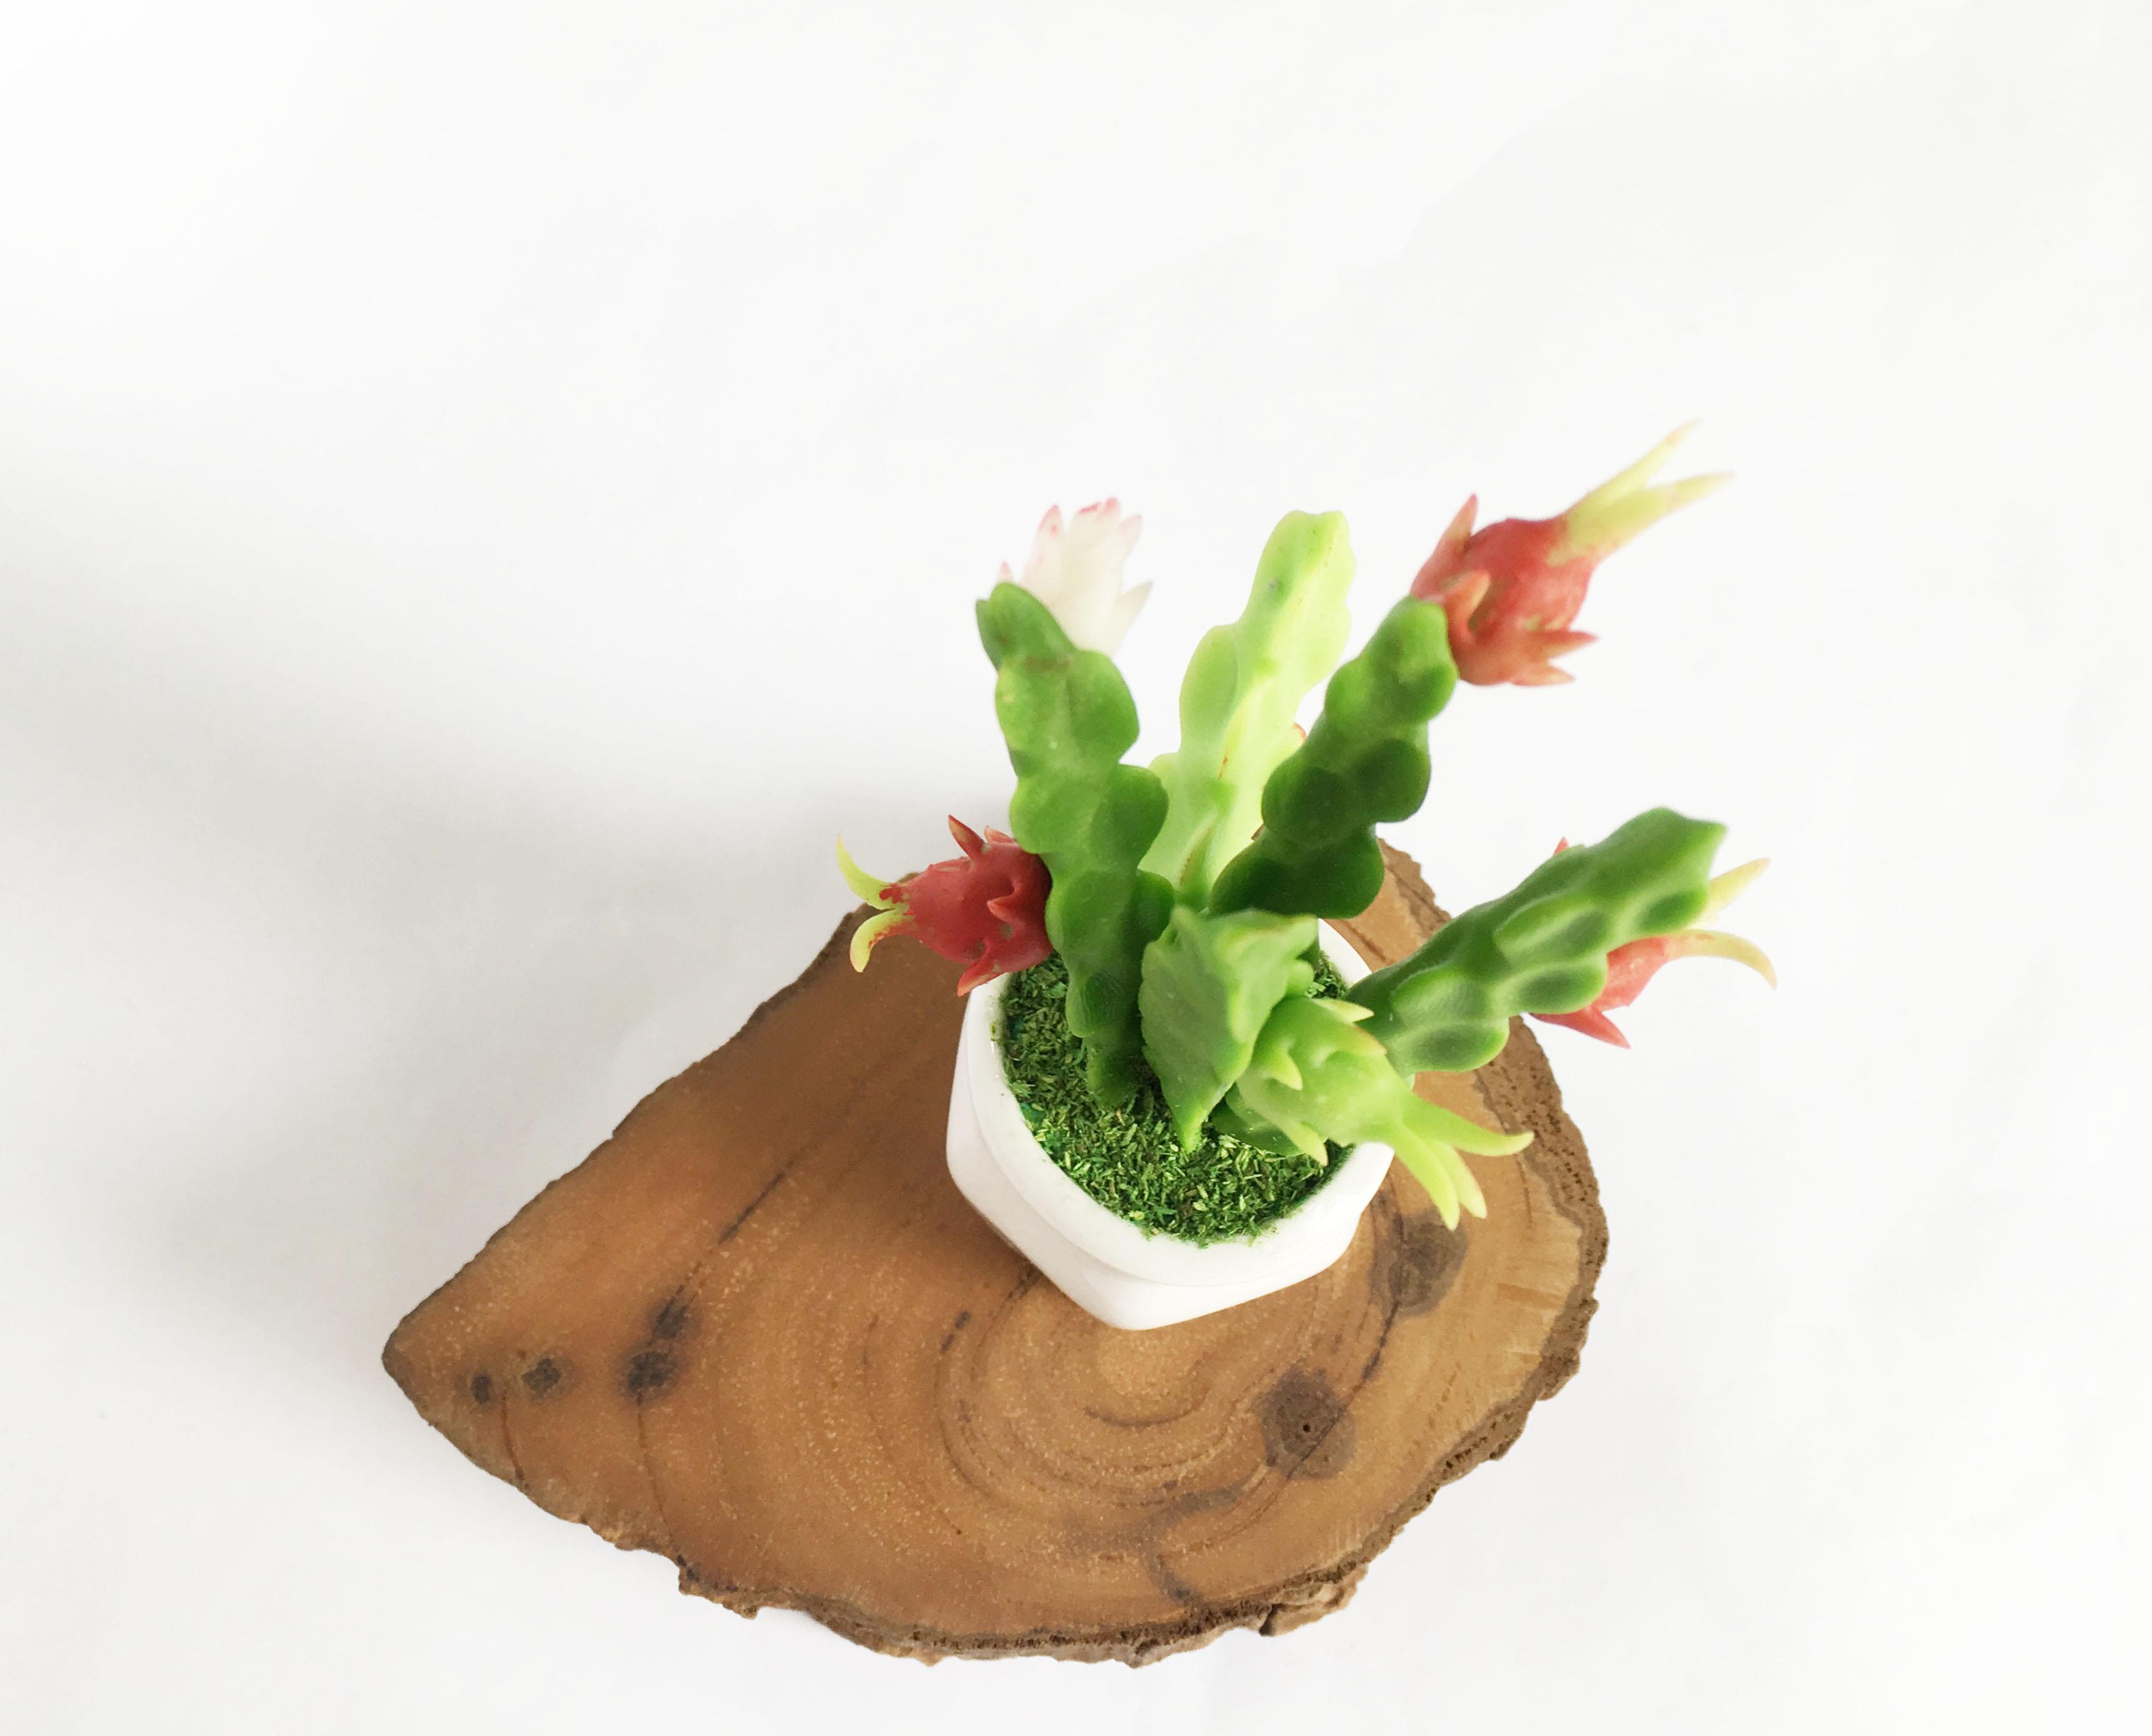 Chậu hoa đất sét mini - Cây thanh long (phát màu ngẫu nhiên) - Quà tặng trang trí handmade